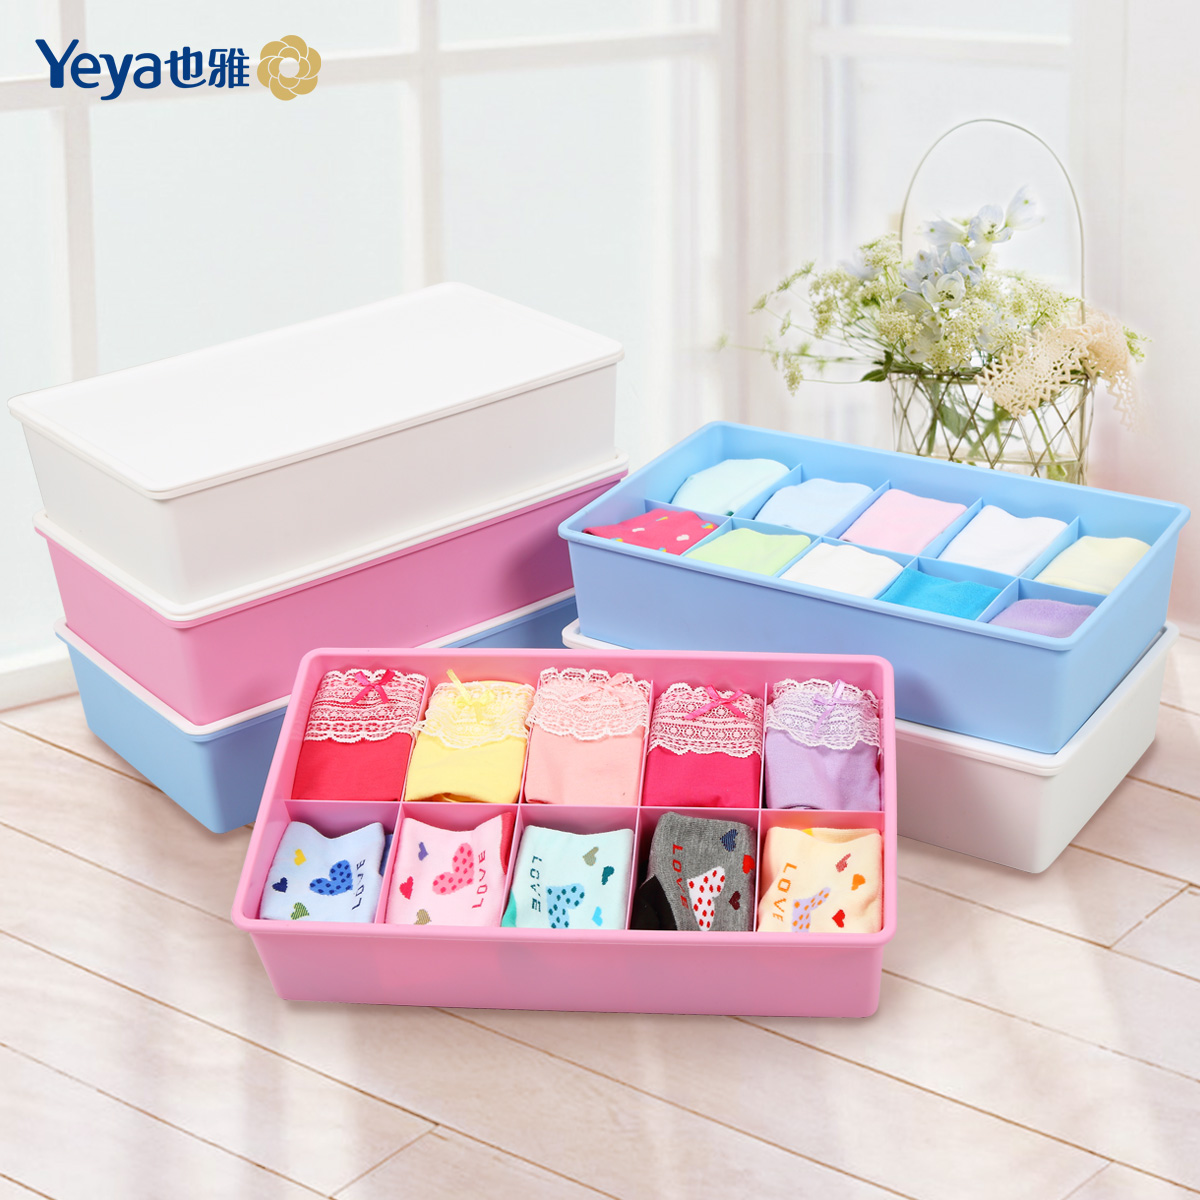 Yeya也雅 多功能袜子内裤内衣收纳盒带盖整理盒抽屉柜衣柜配件